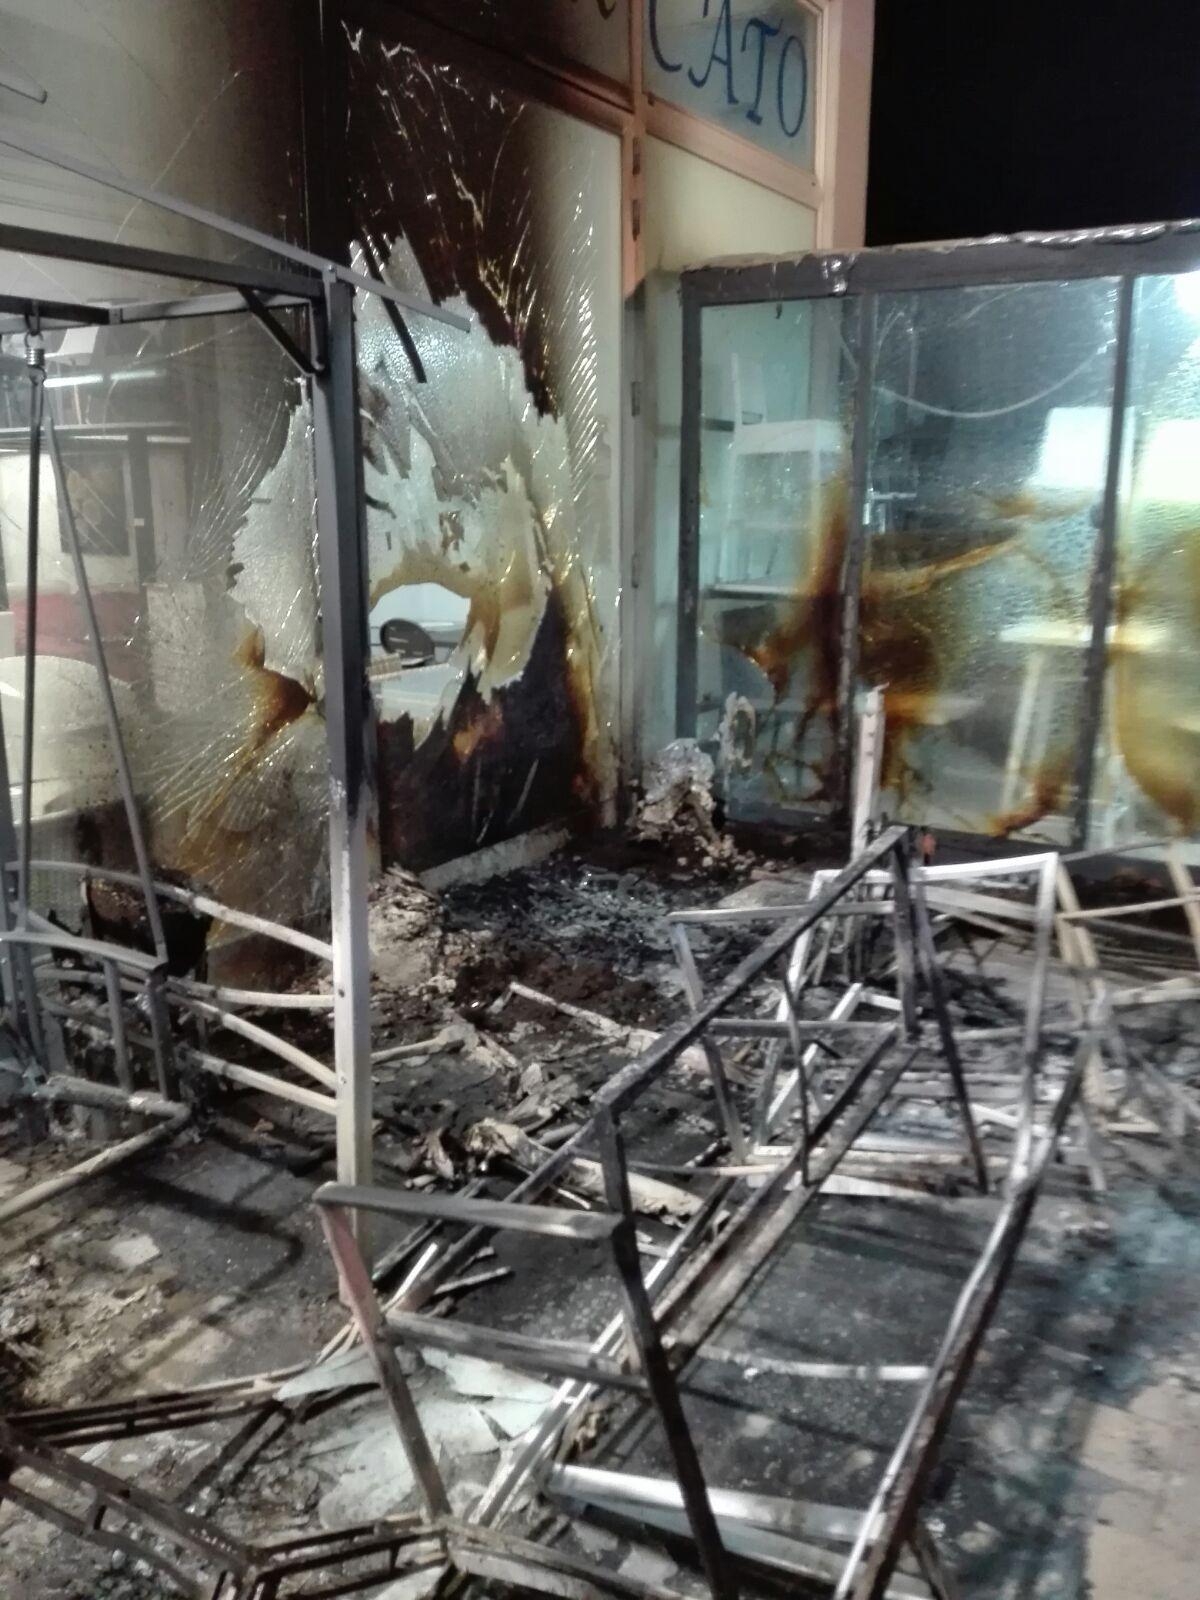 Arredo Casa Francavilla Fontana francavilla fontana: mobilificio incendiato, arrestato 38enne